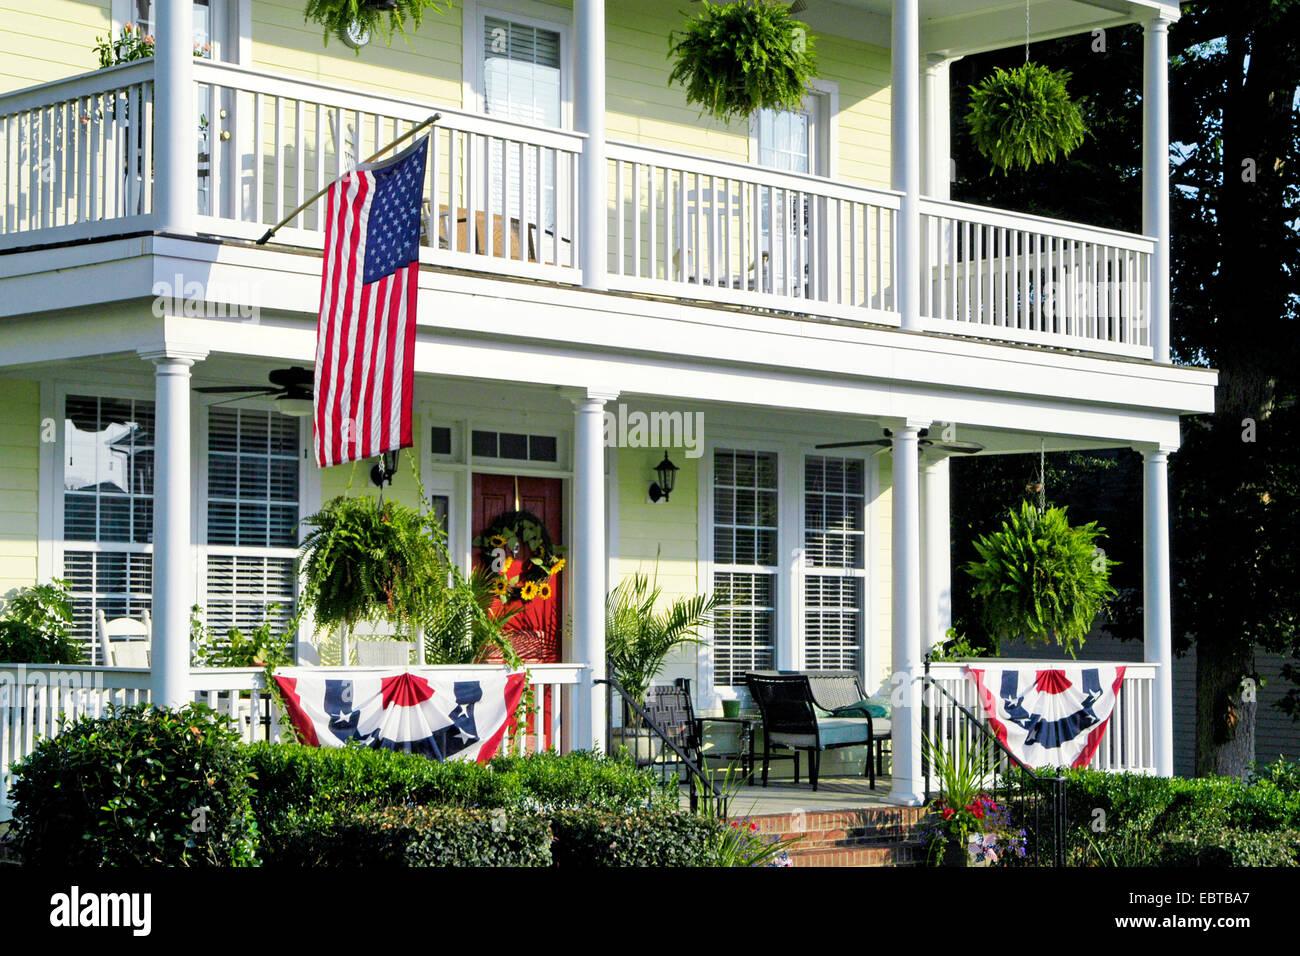 Eine Amerikanische Flagge Und Ammern Hangen Von Einer Veranda Ein